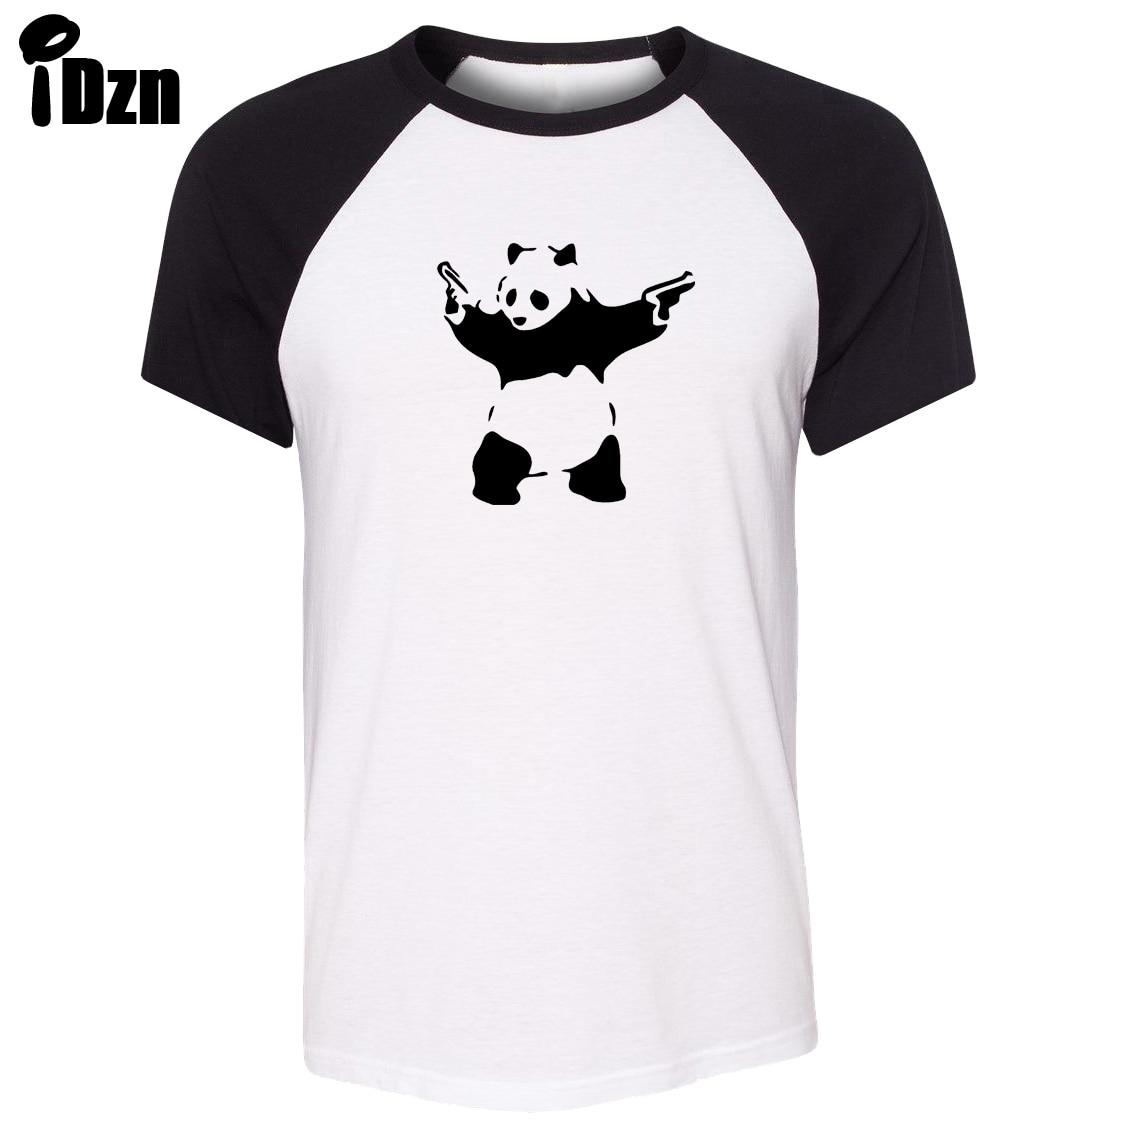 Φ_ΦIdzn unisex Summer casual camiseta divertida Linda China kongfu ...